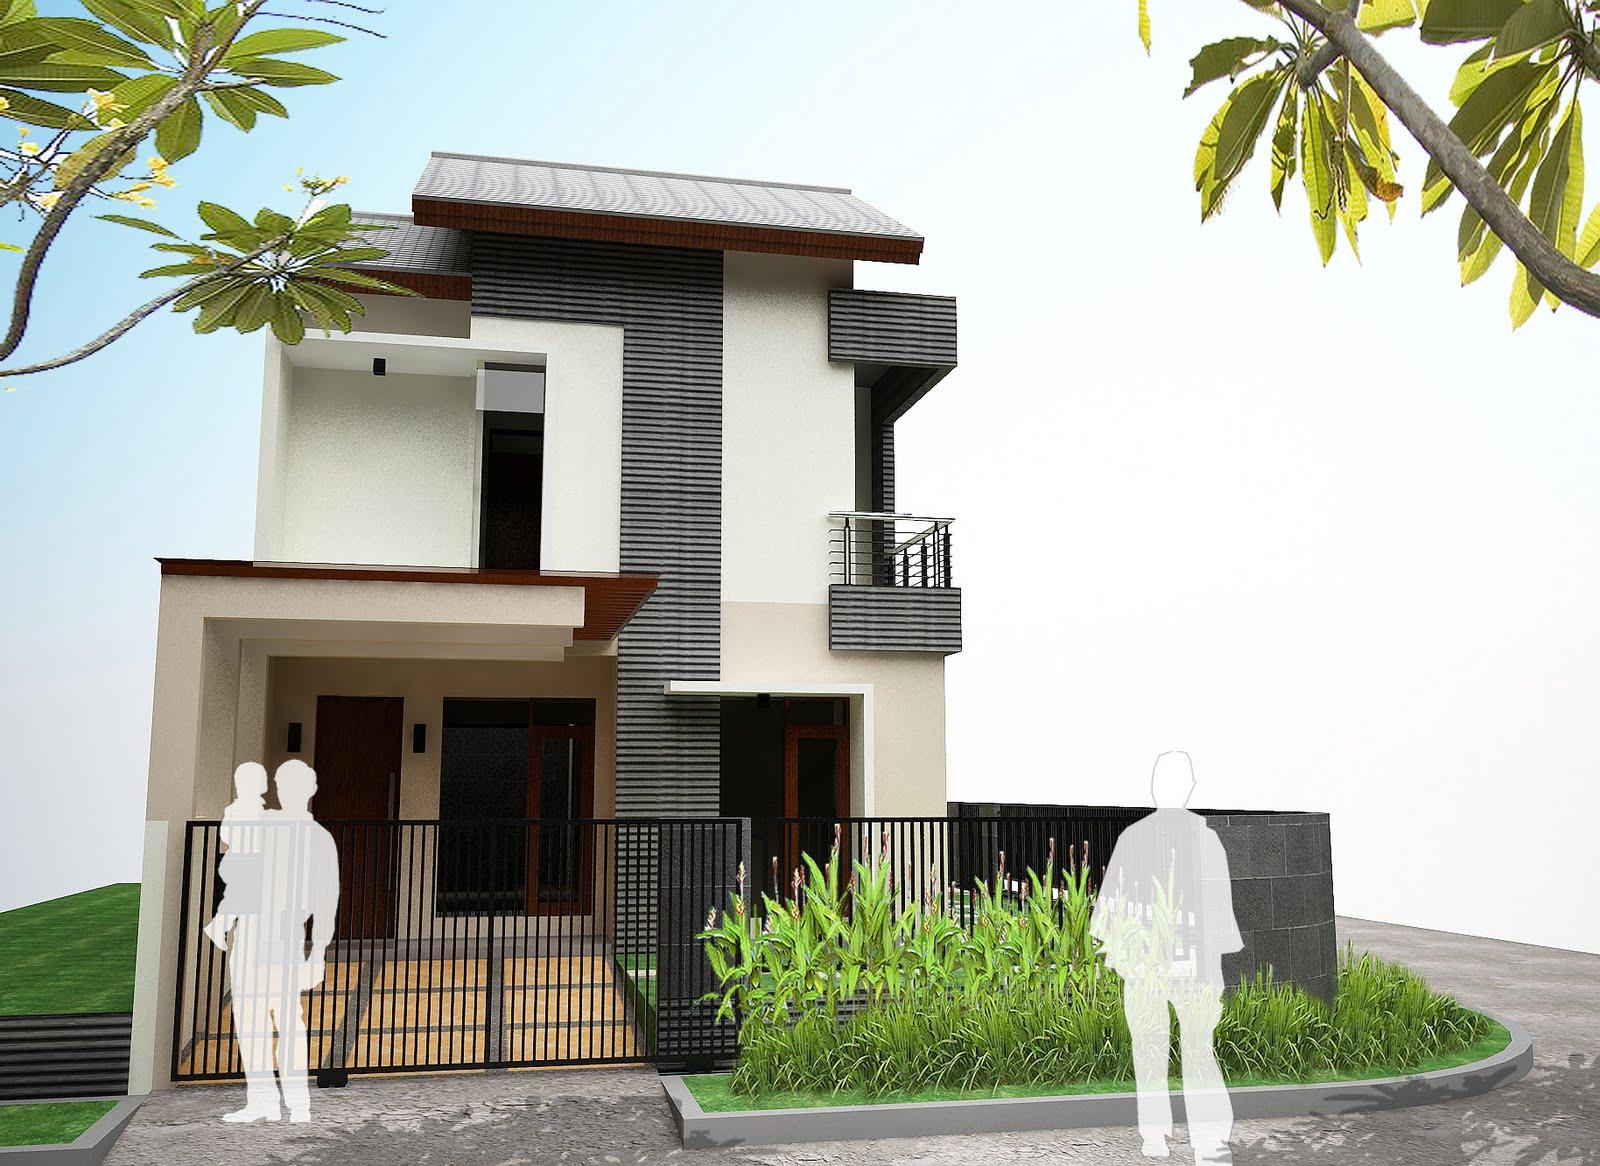 15 Desain Rumah Minimalis 2 Lantai Dsign Project